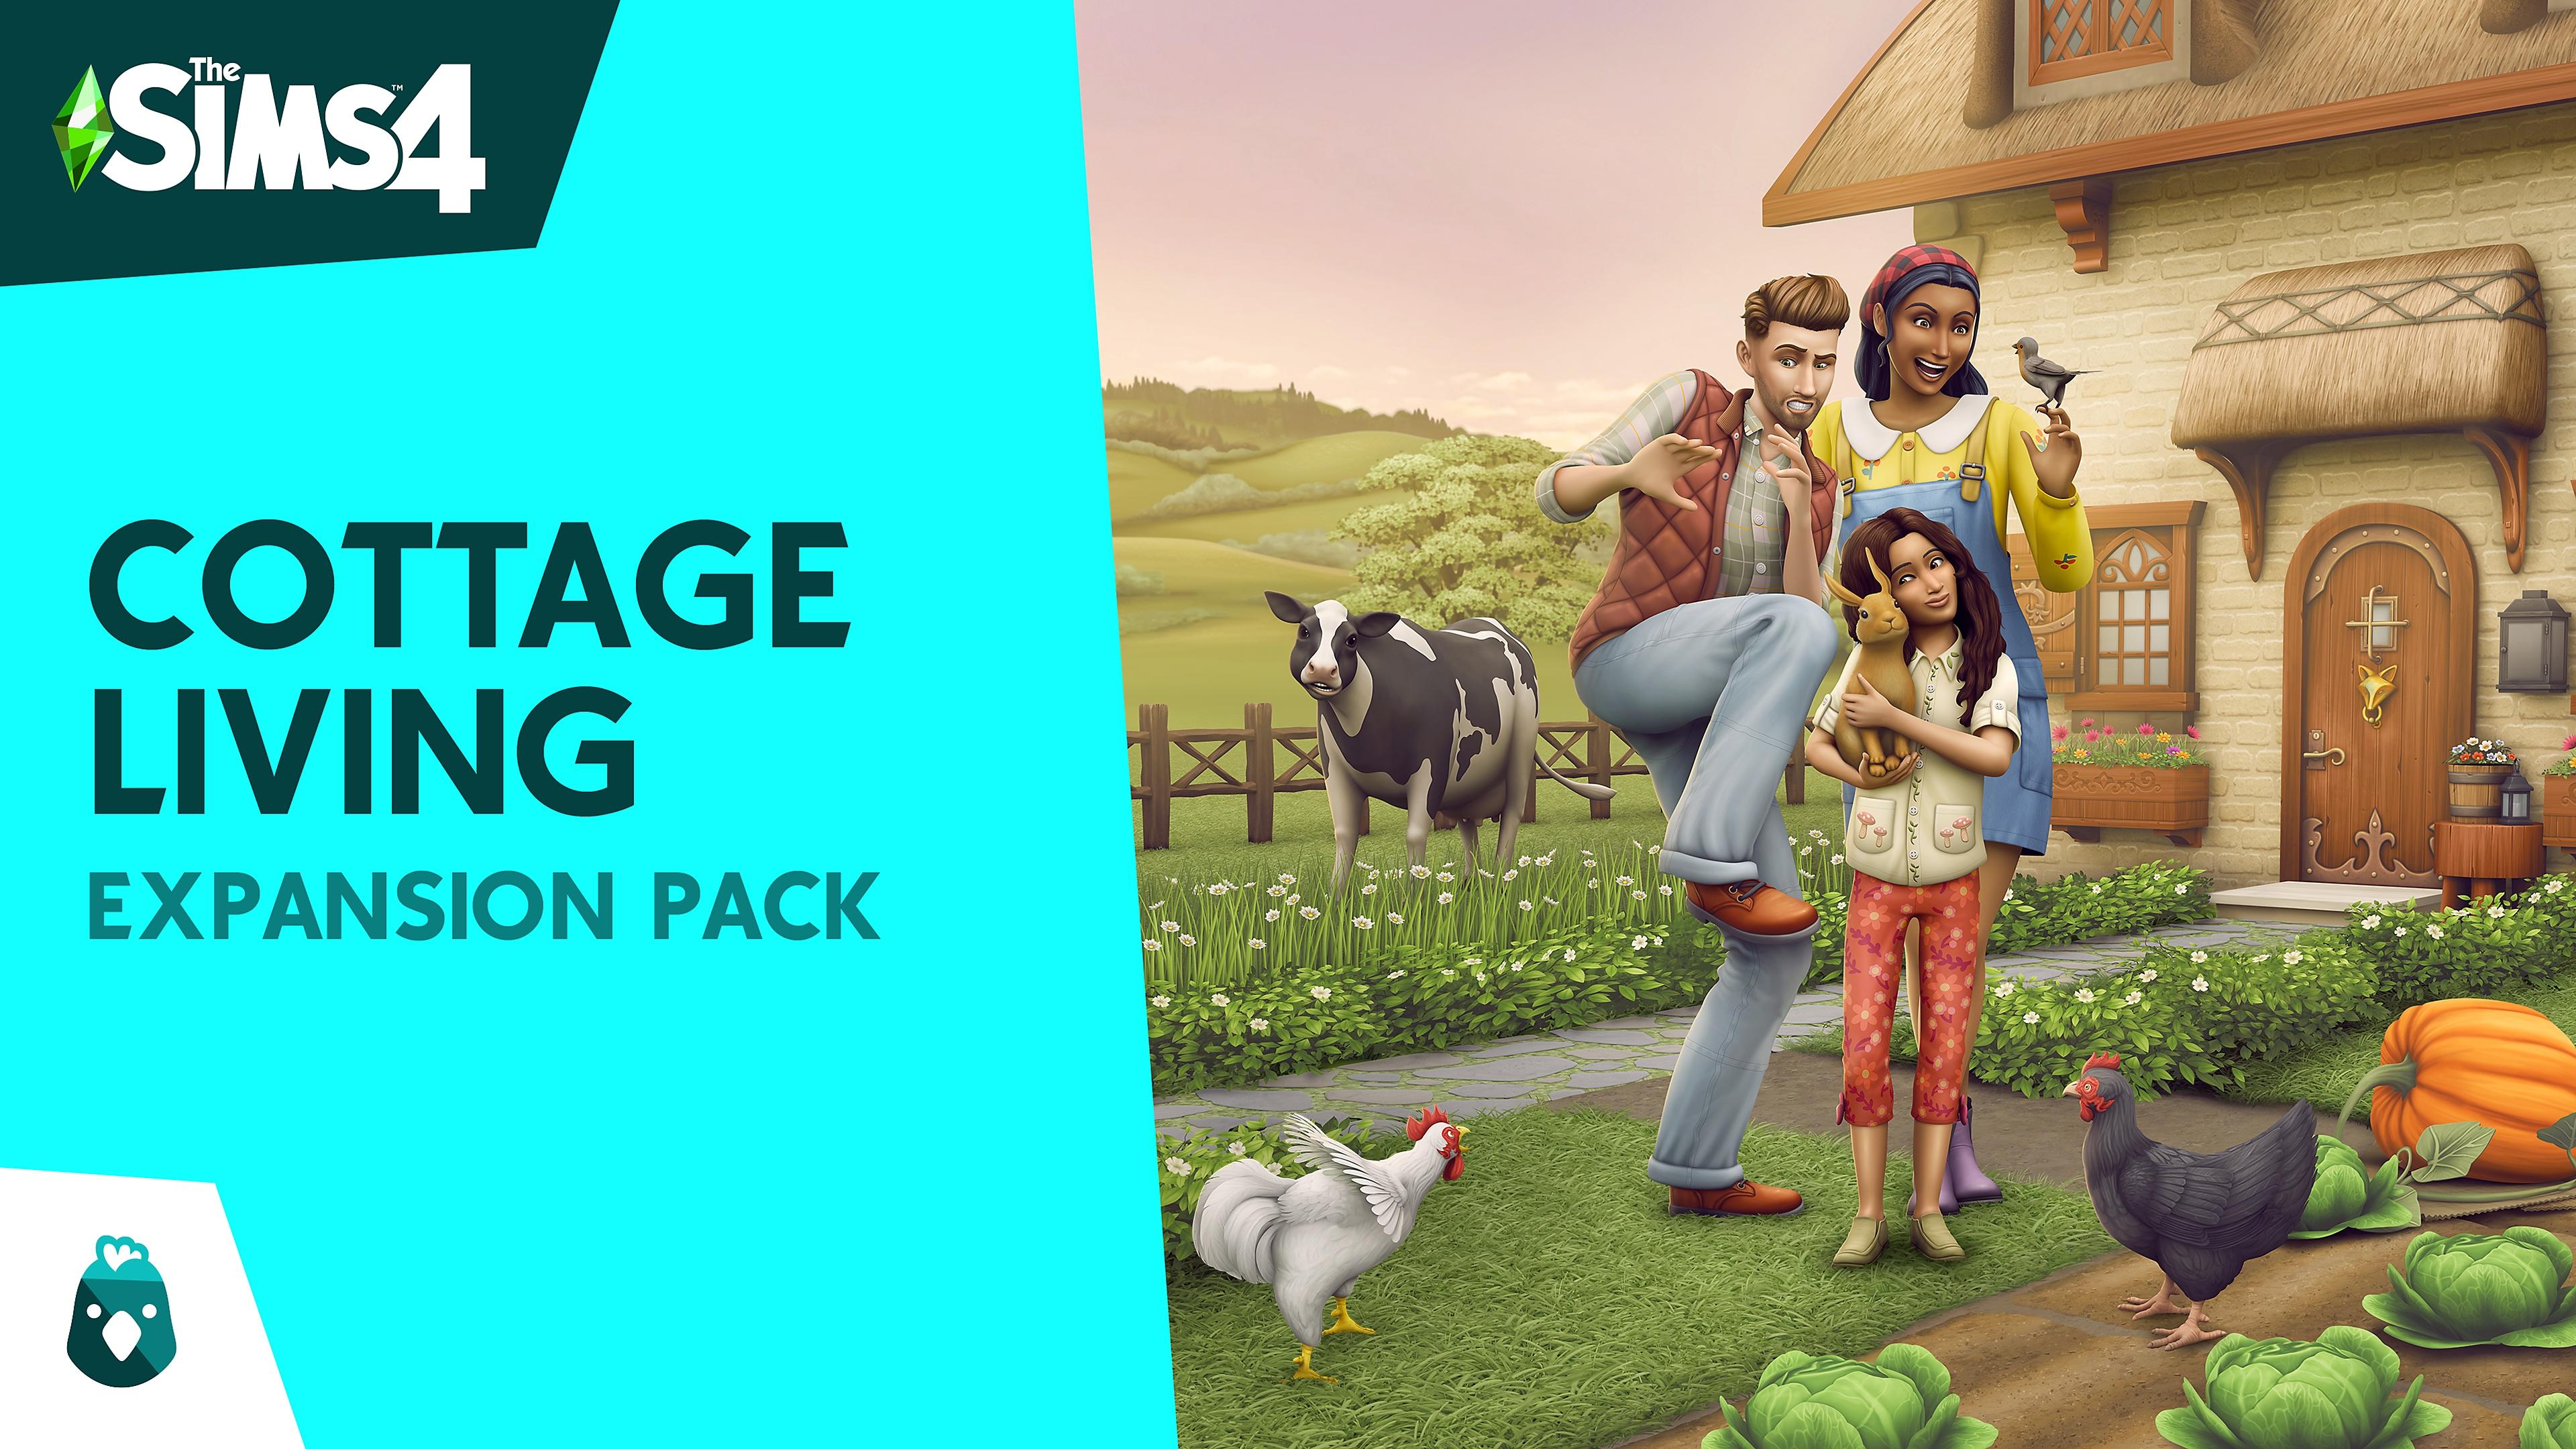 The Sims 4 Maalaiselämää Expansion Pack -kuvitus